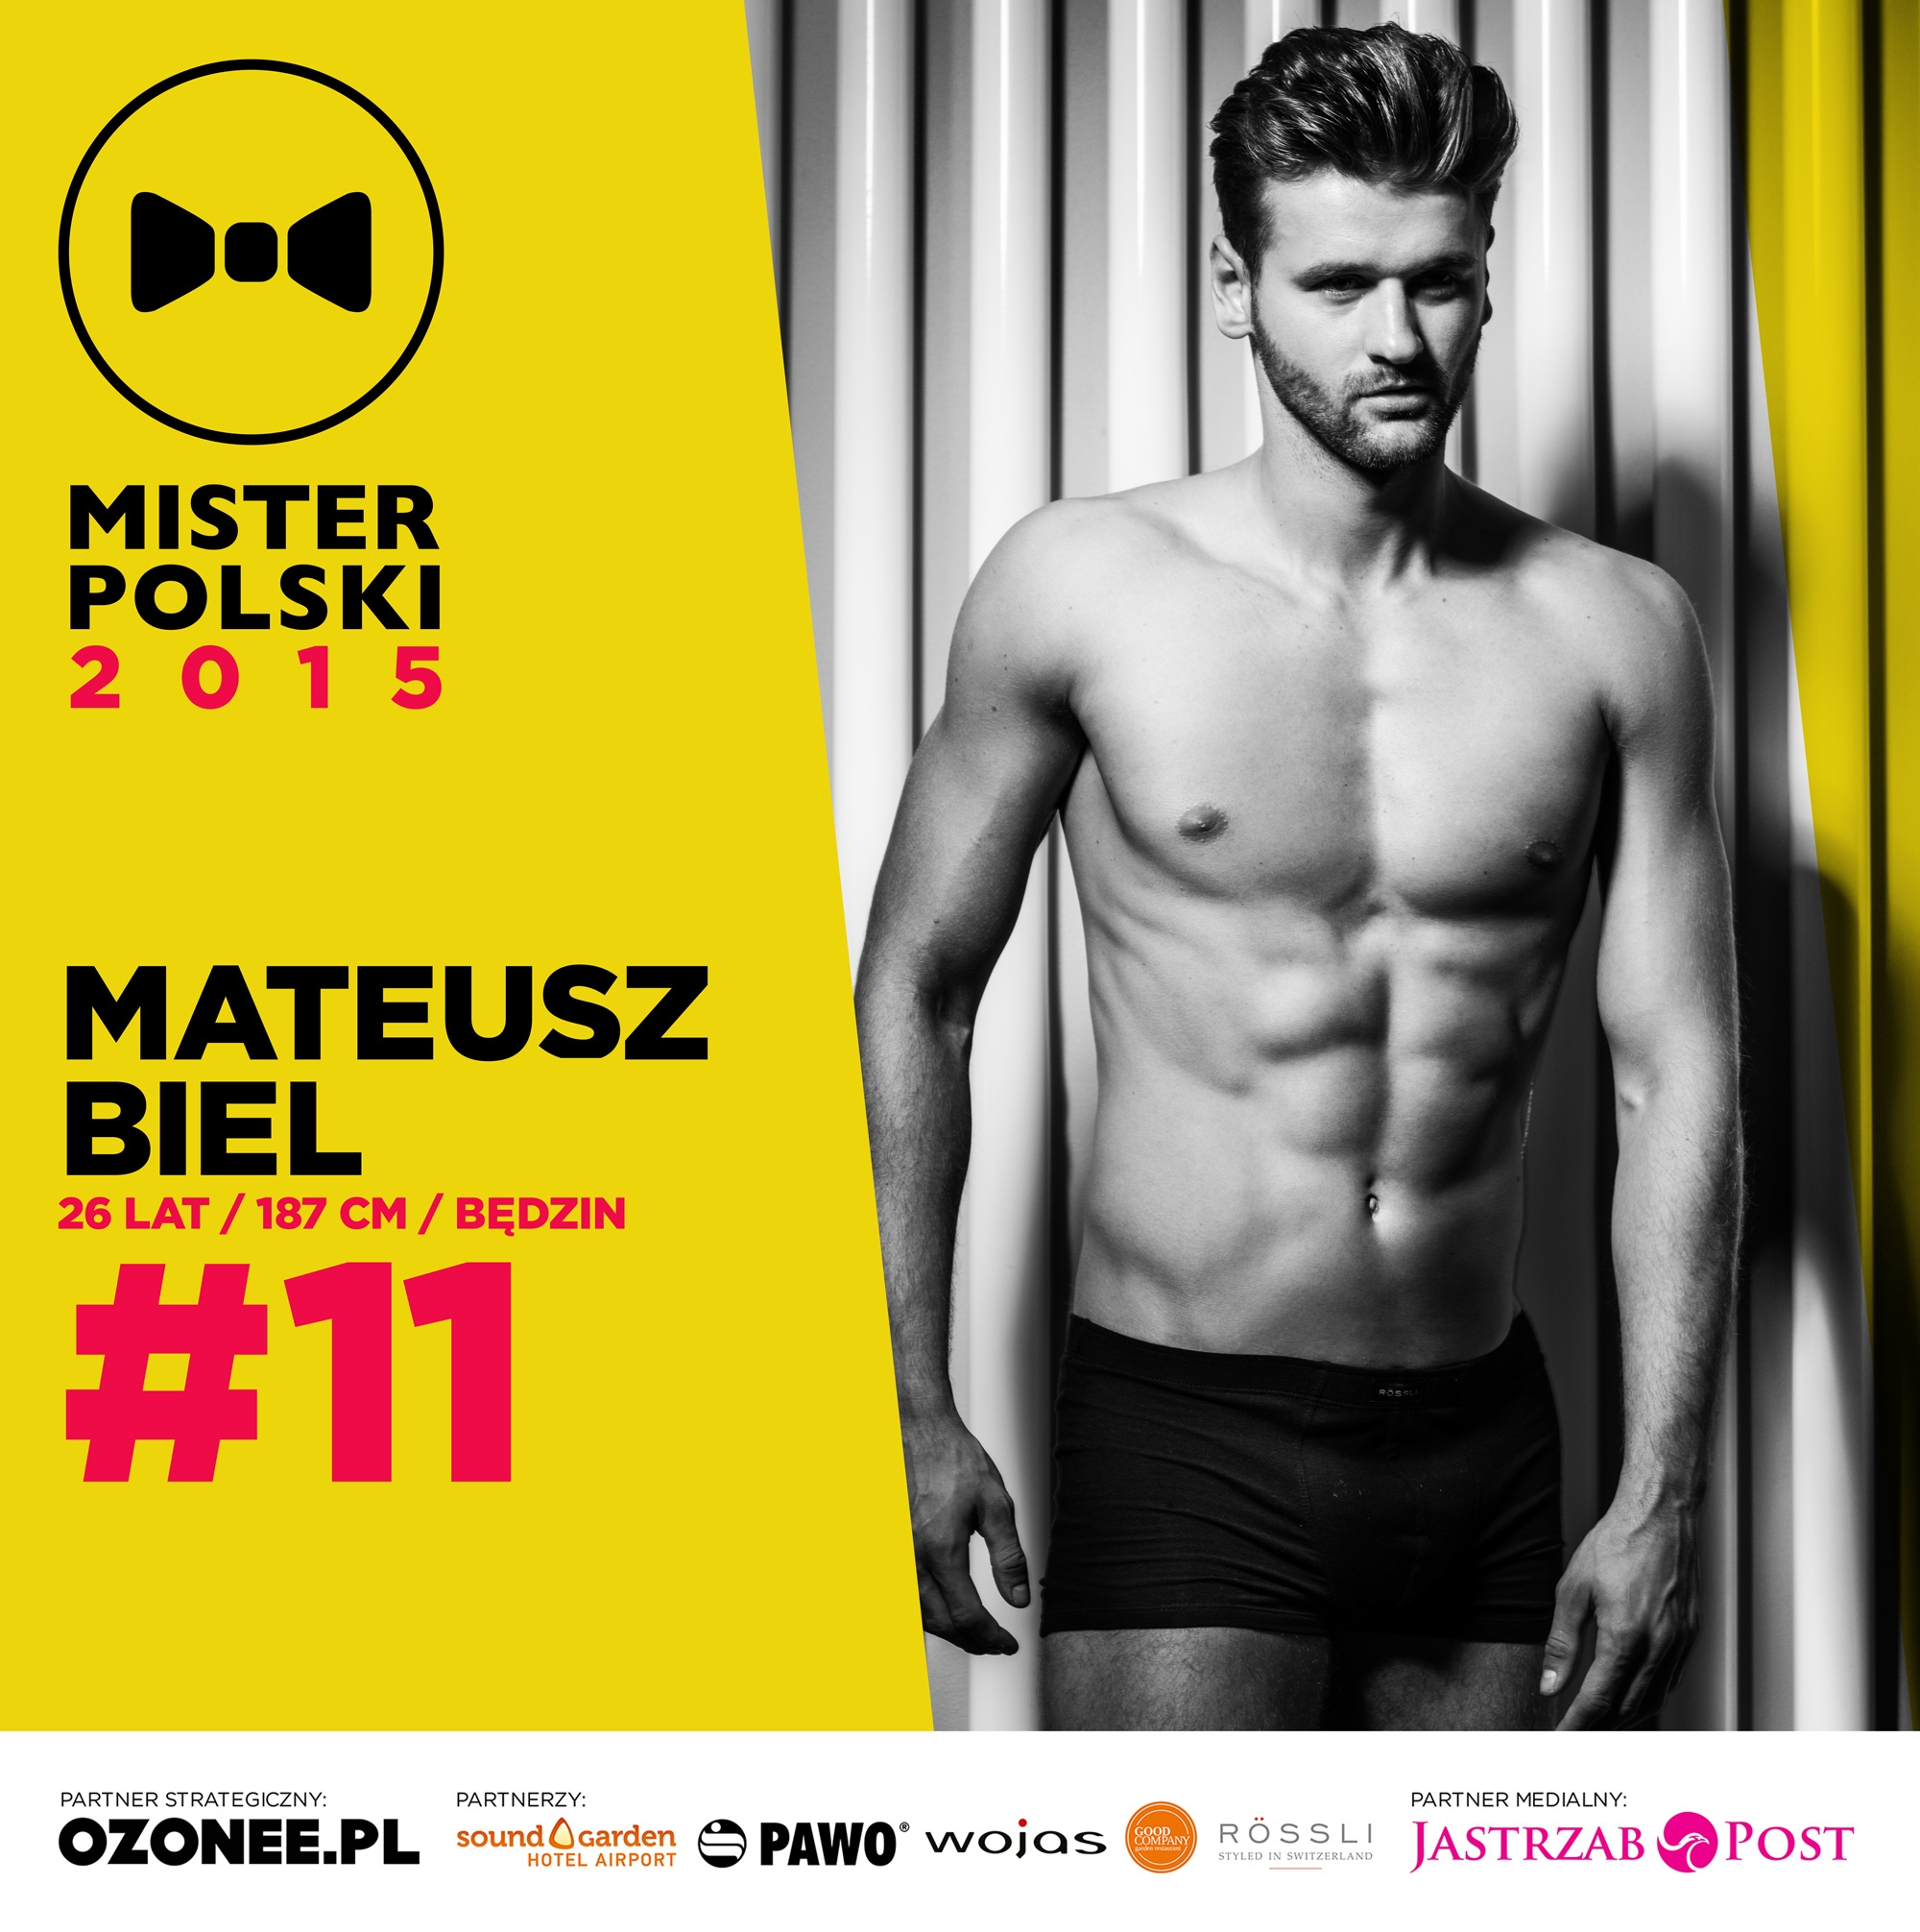 Mateusz Biel - nr 11 - Mister Polski 2015